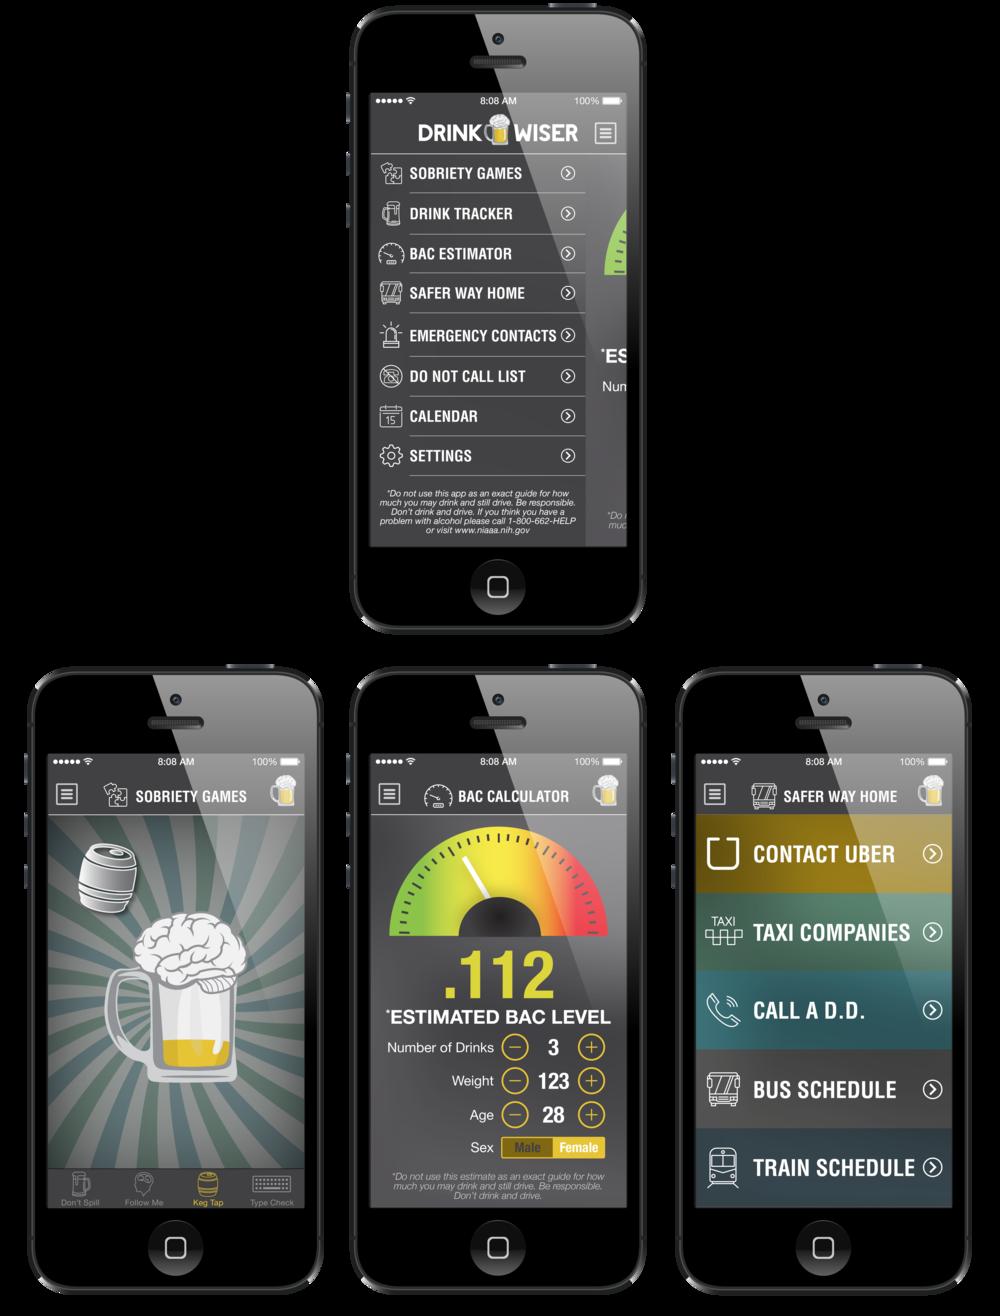 Main App Menu (top), 3 Screens Displaying Functionality